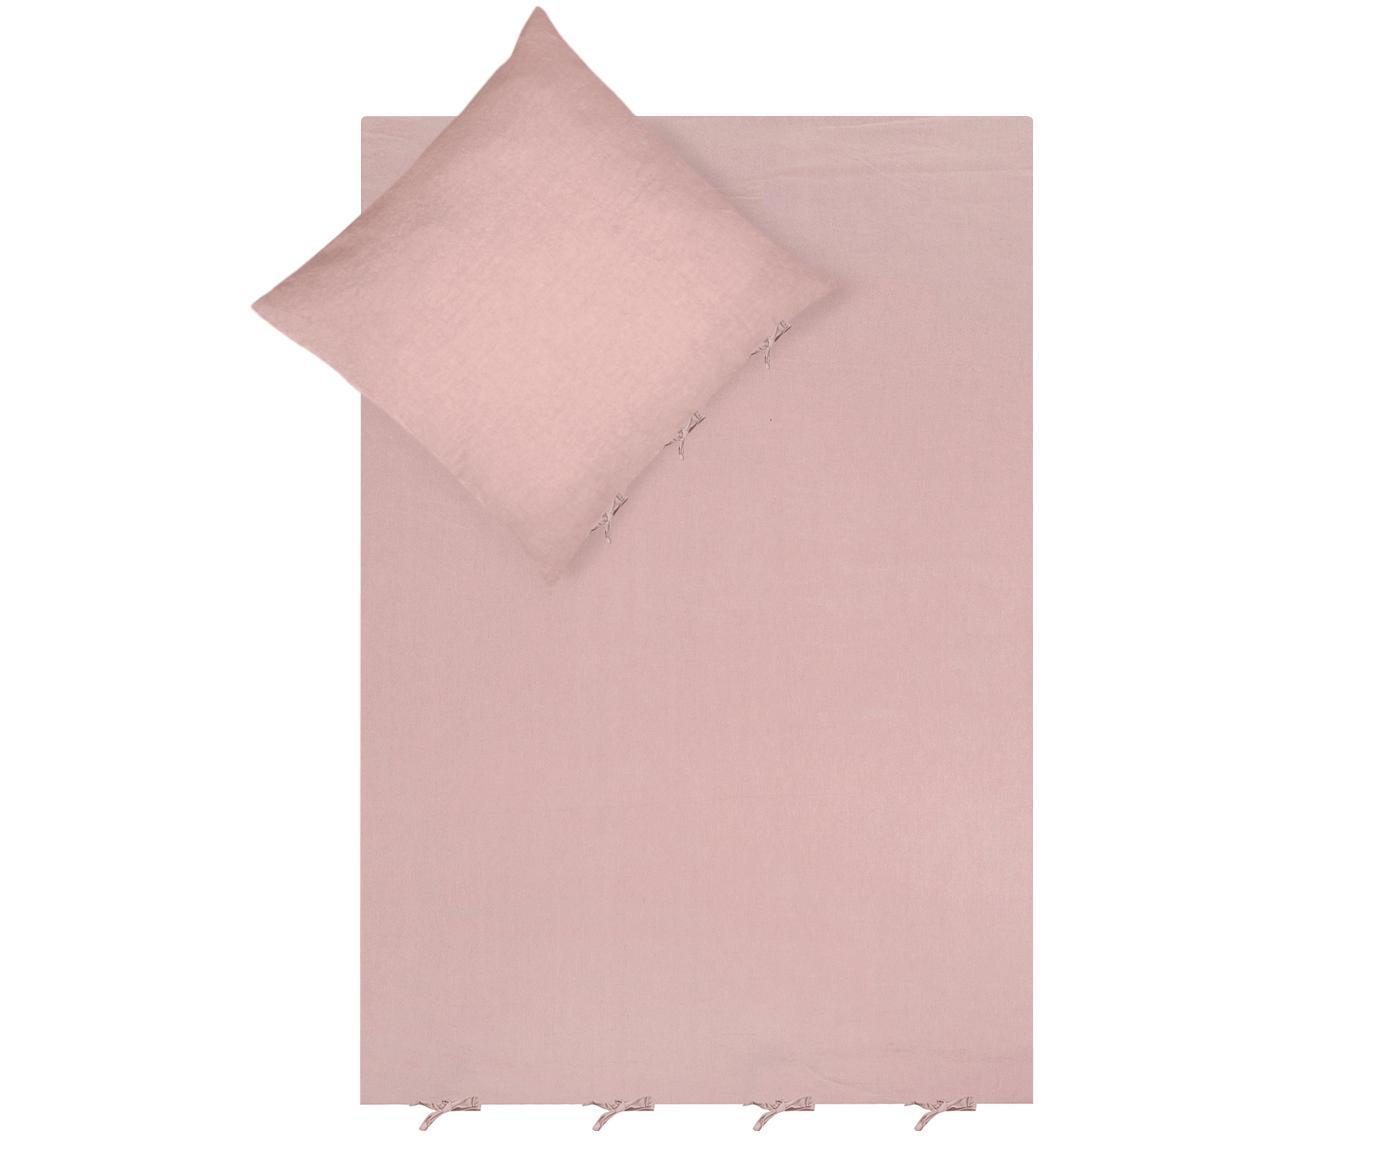 Pościel z lnu Maria, 52% len, 48% bawełna Z efektem sprania zapewniającym miękkość w dotyku, Blady różowy, 155 x 220 cm